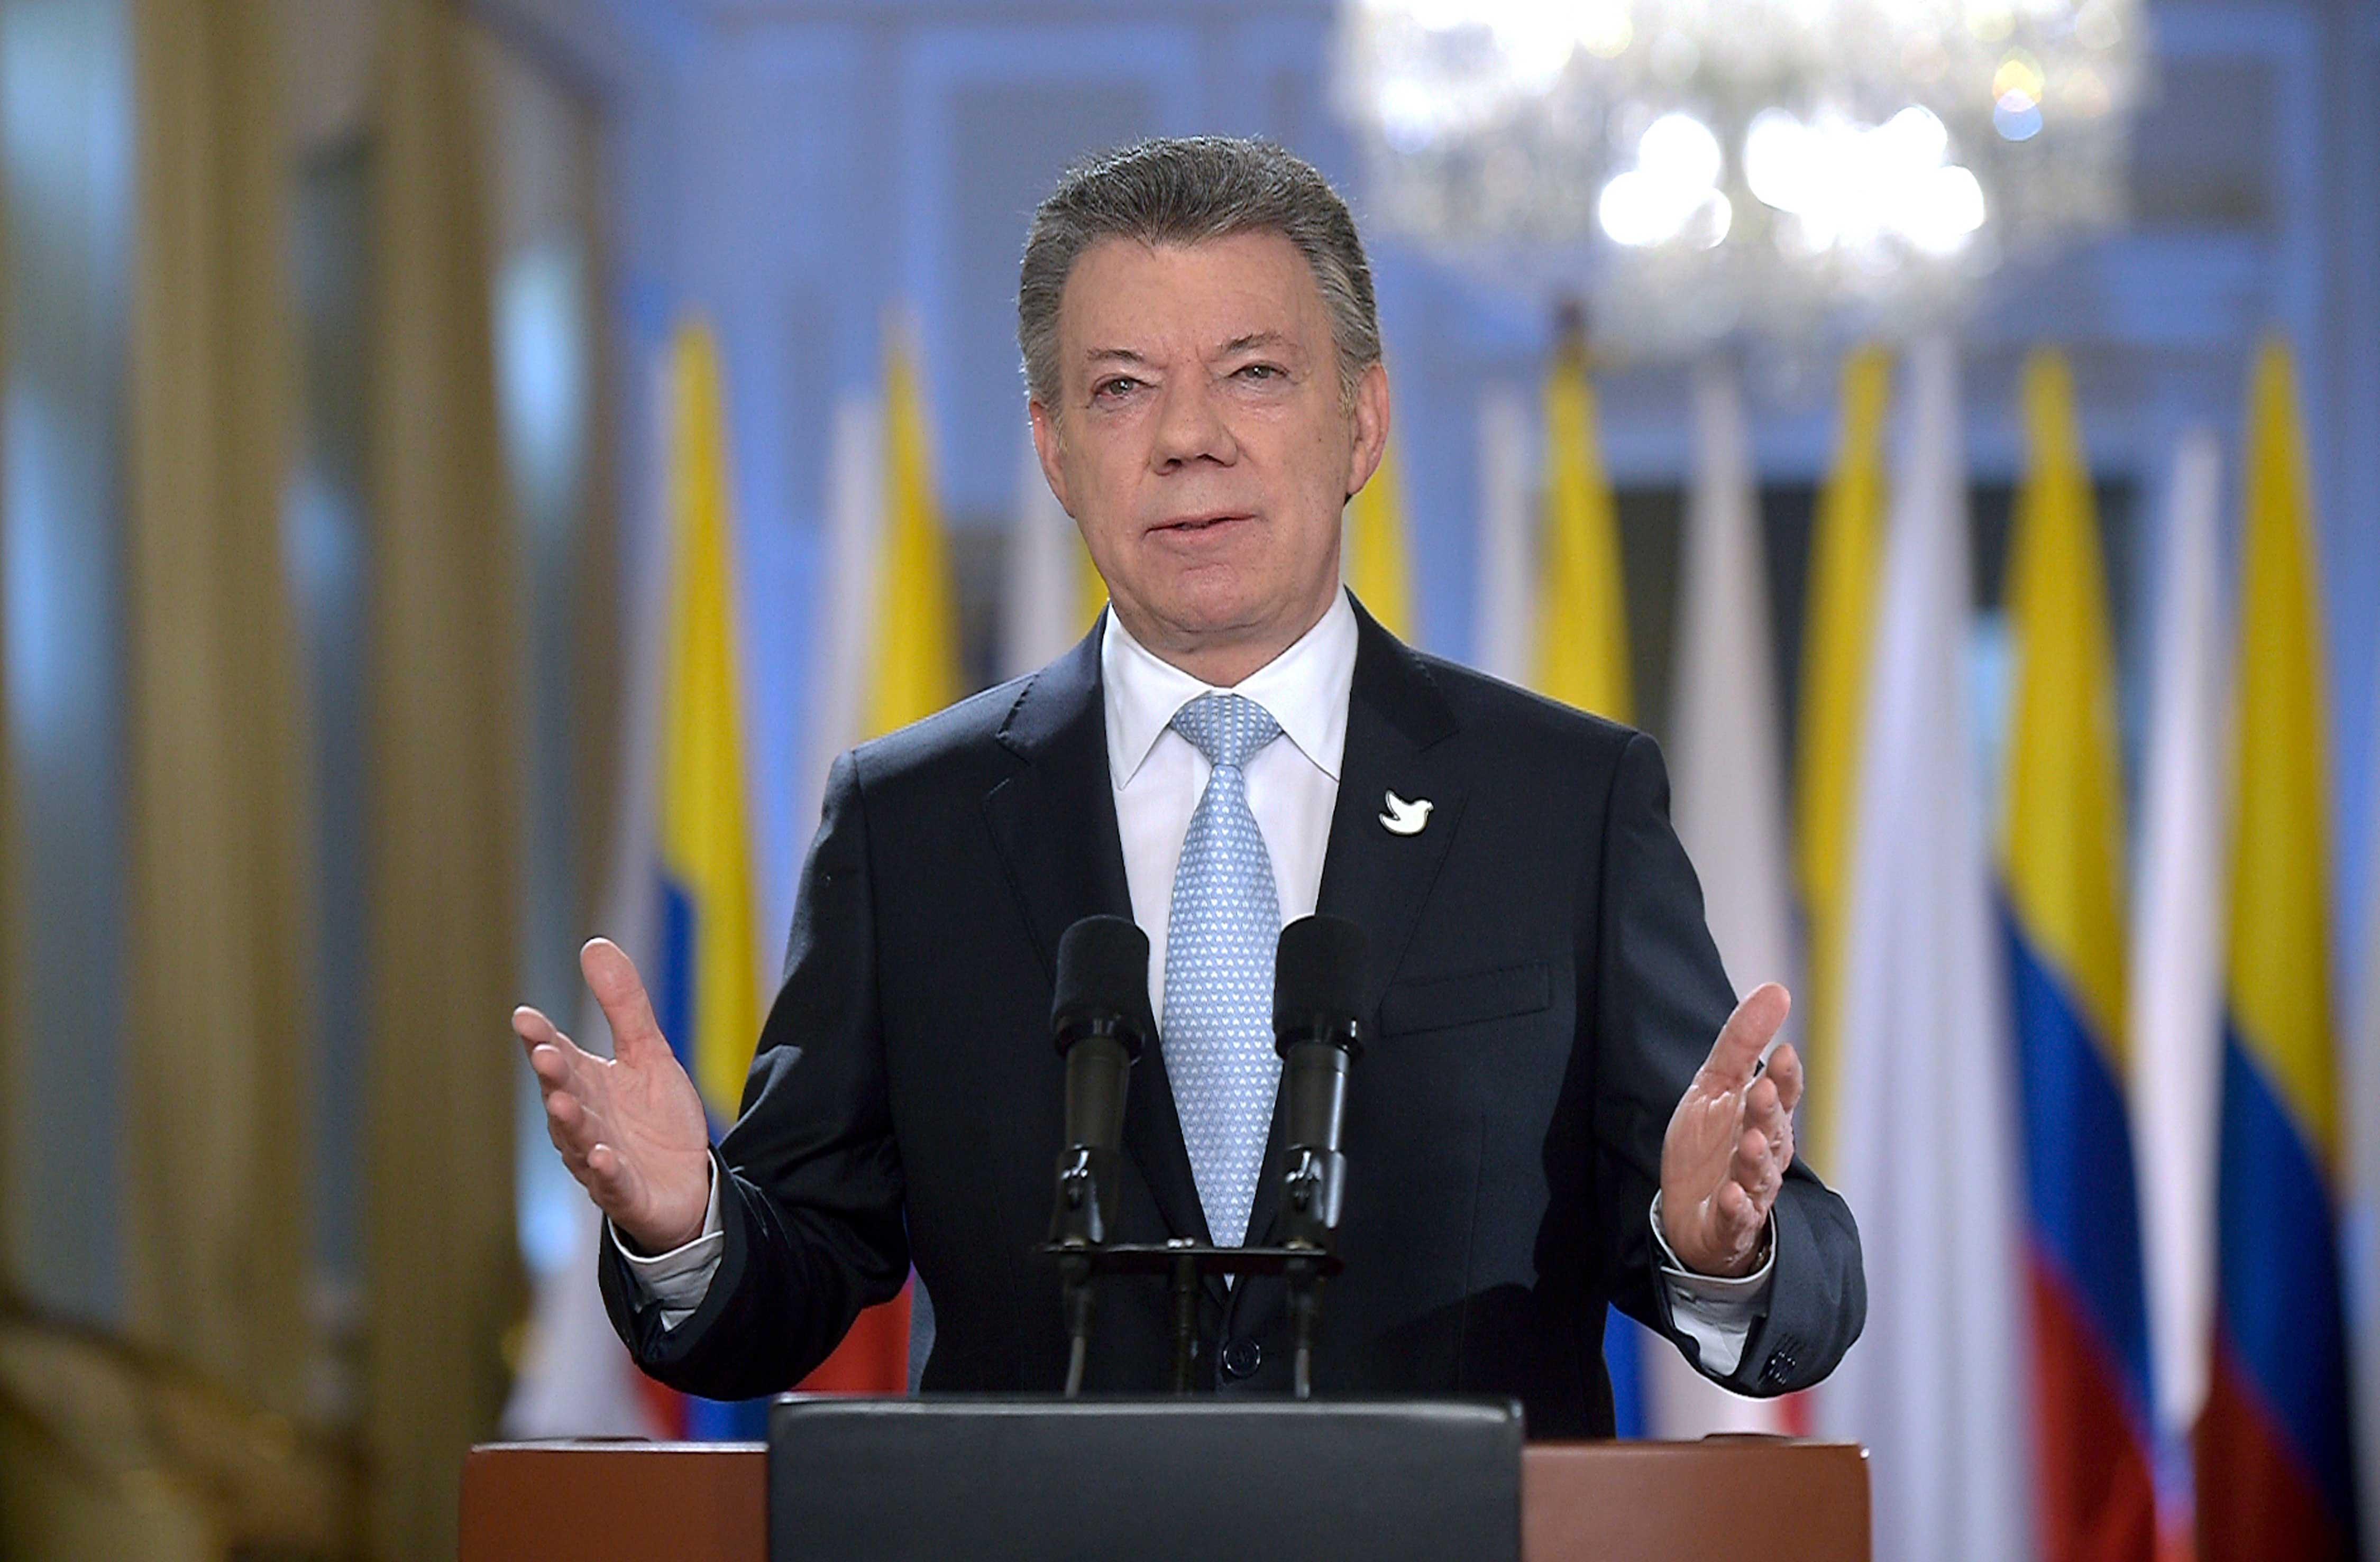 """""""La decisión, colombianos, está en sus manos, nunca antes nuestros ciudadanos habían tenido a su alcance, como ahora, la llave del futuro. ¡Abramos esa puerta! ¡Abramos la puerta del mañana!"""", exhortó el Presidente a la Nación."""